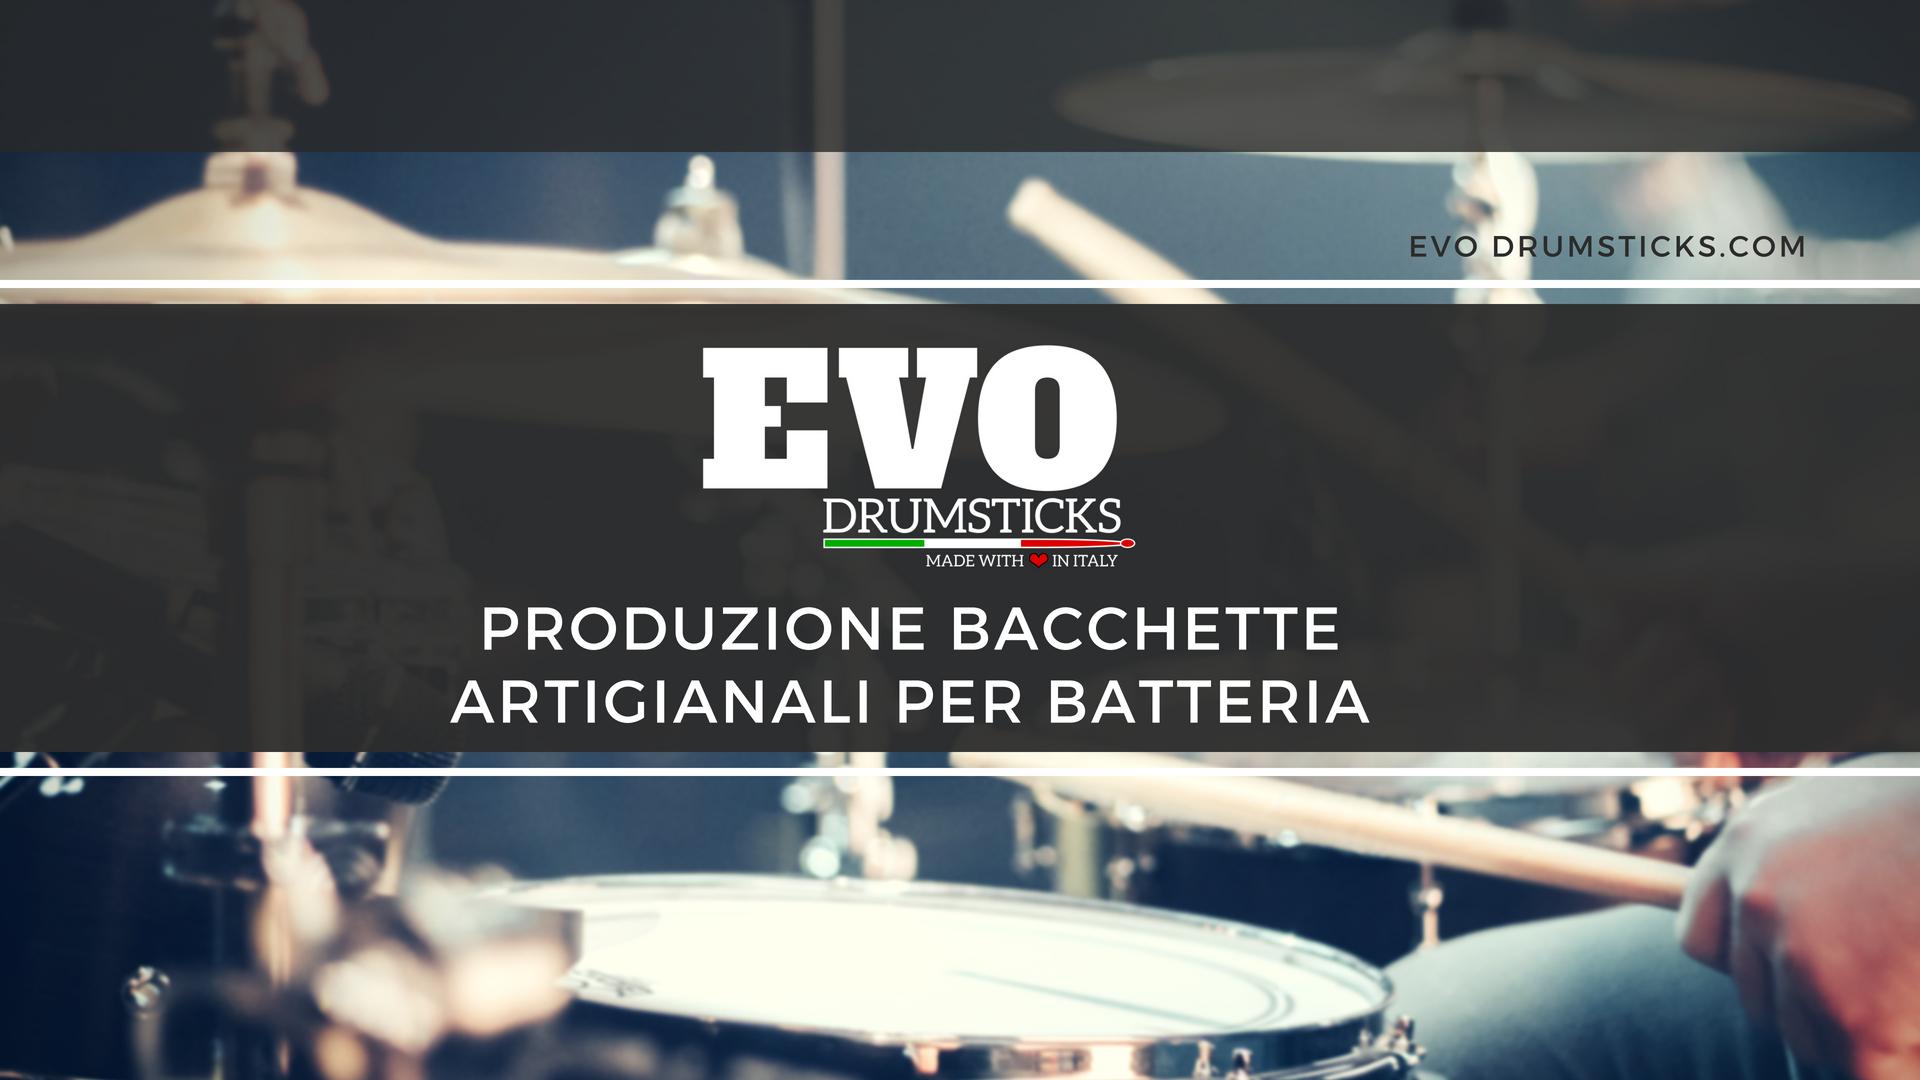 EVO Drumsticks